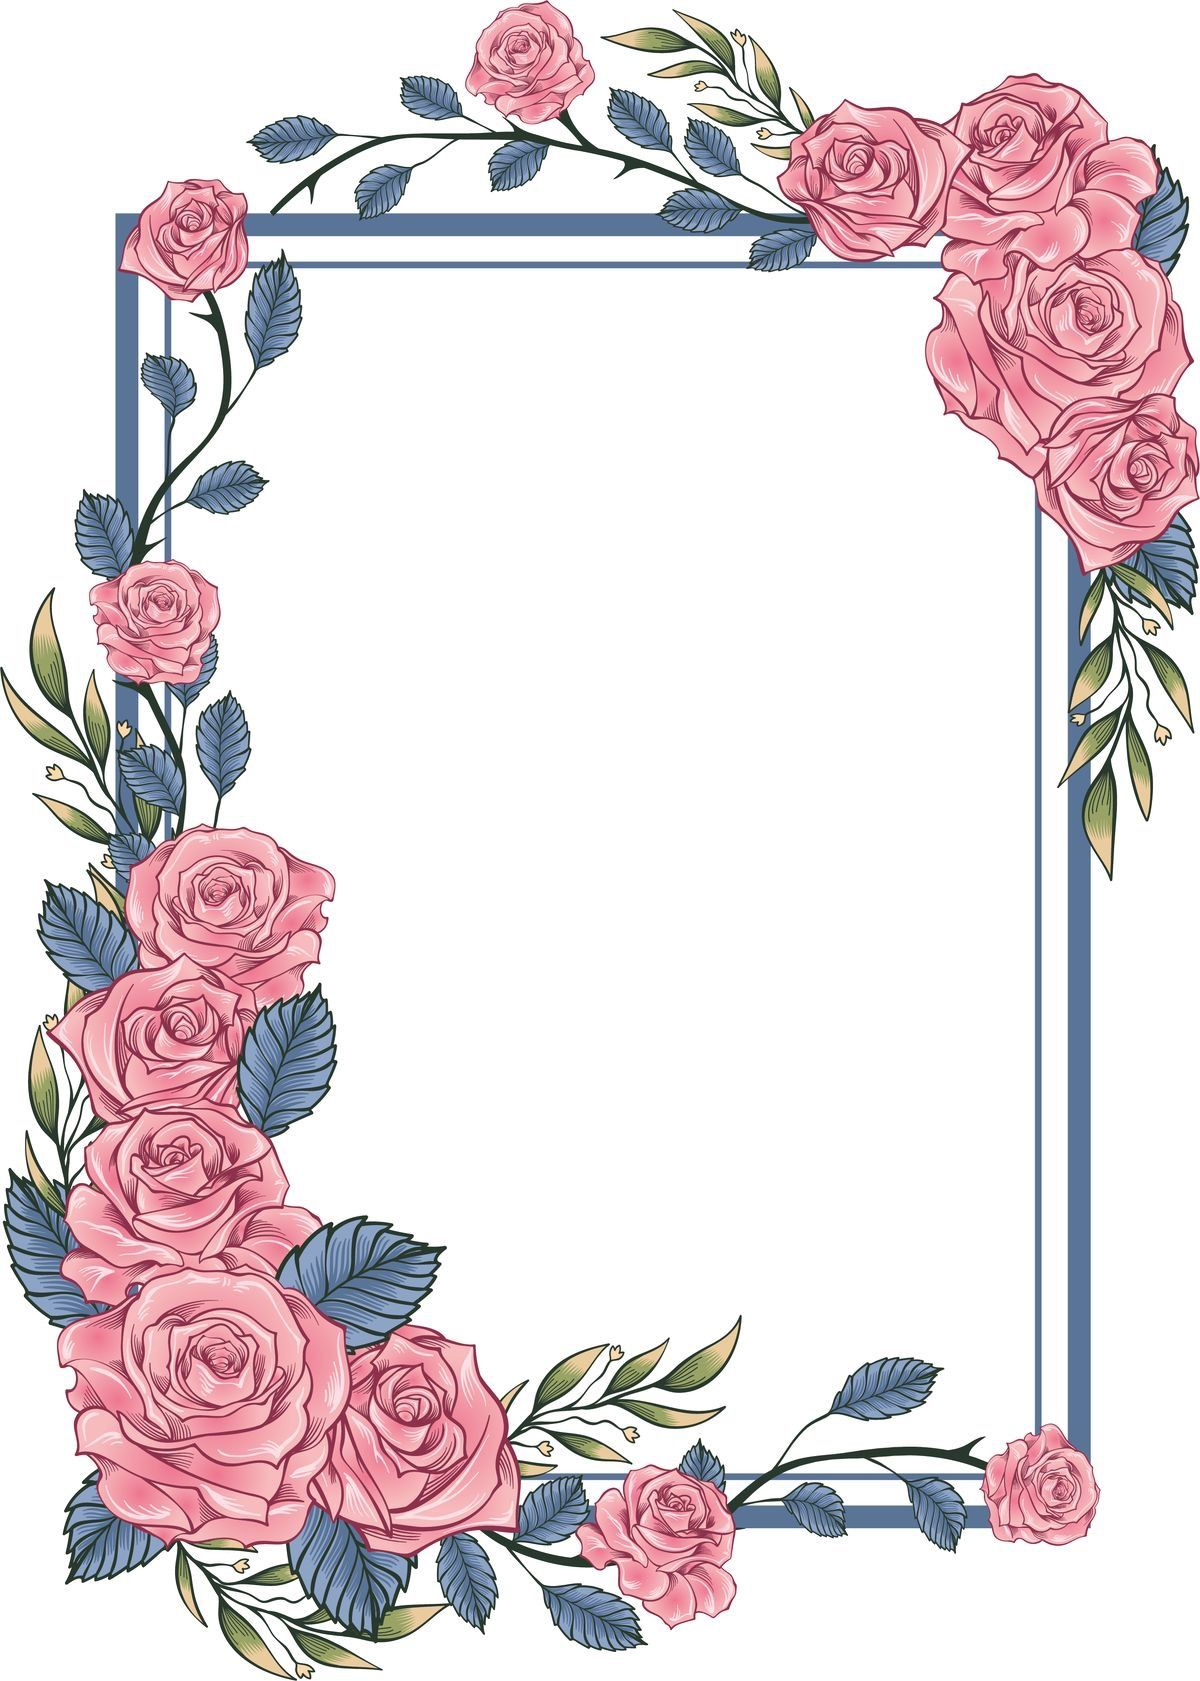 ป กพ นโดย Kriger Sisters ใน Fondos De Tarjetas กรอบ ดอกไม ภาพประกอบ